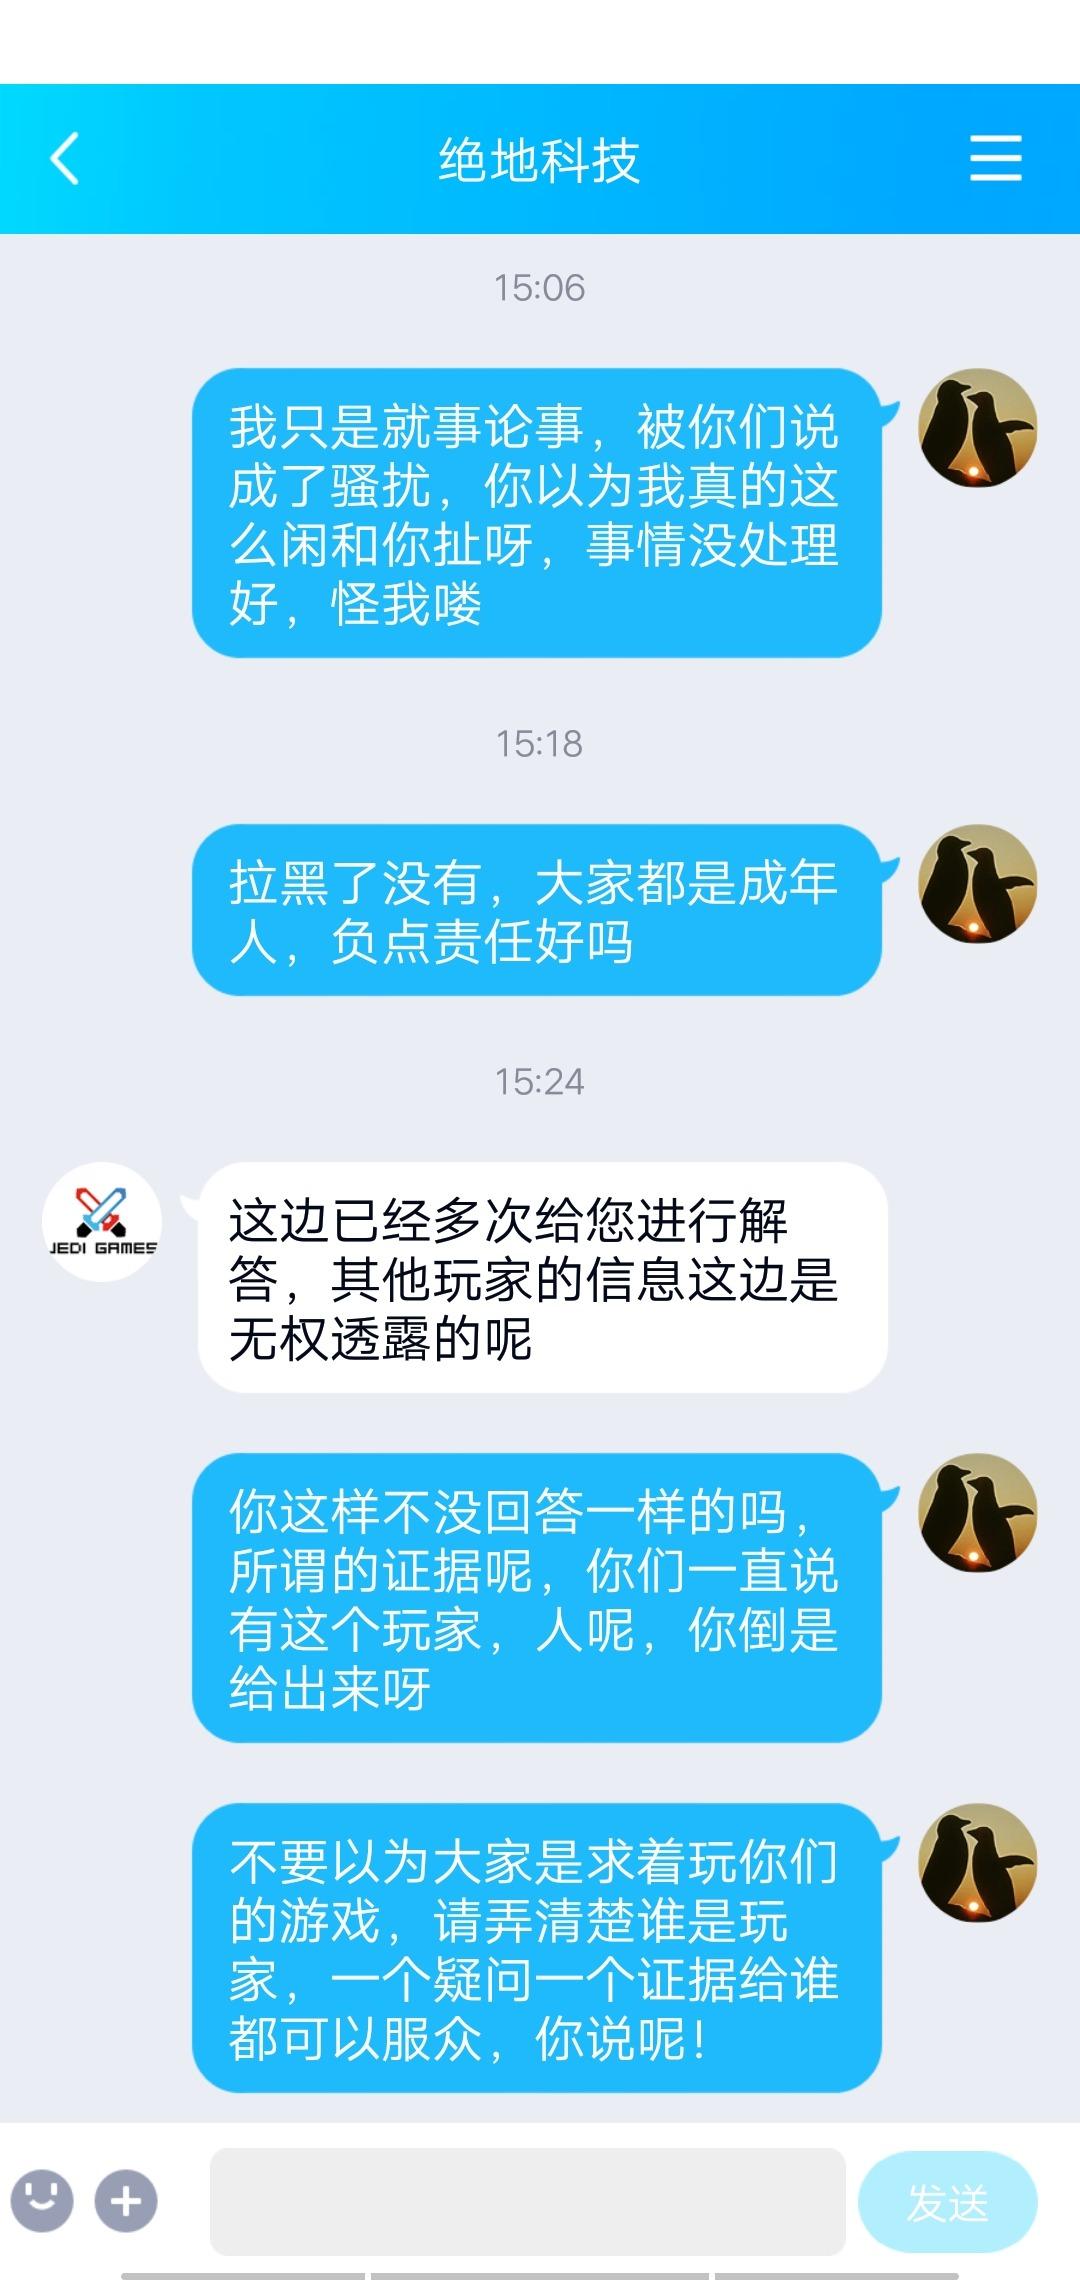 Screenshot_20190730_152926.jpg